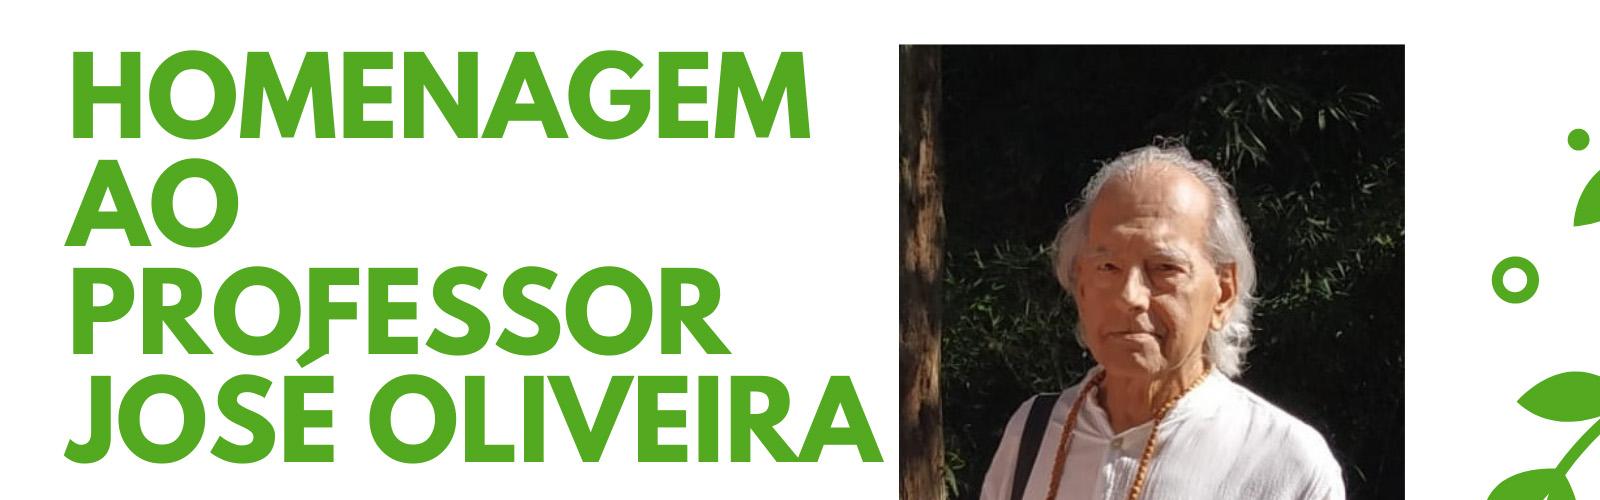 Homenagem ao prof. José Oliveira